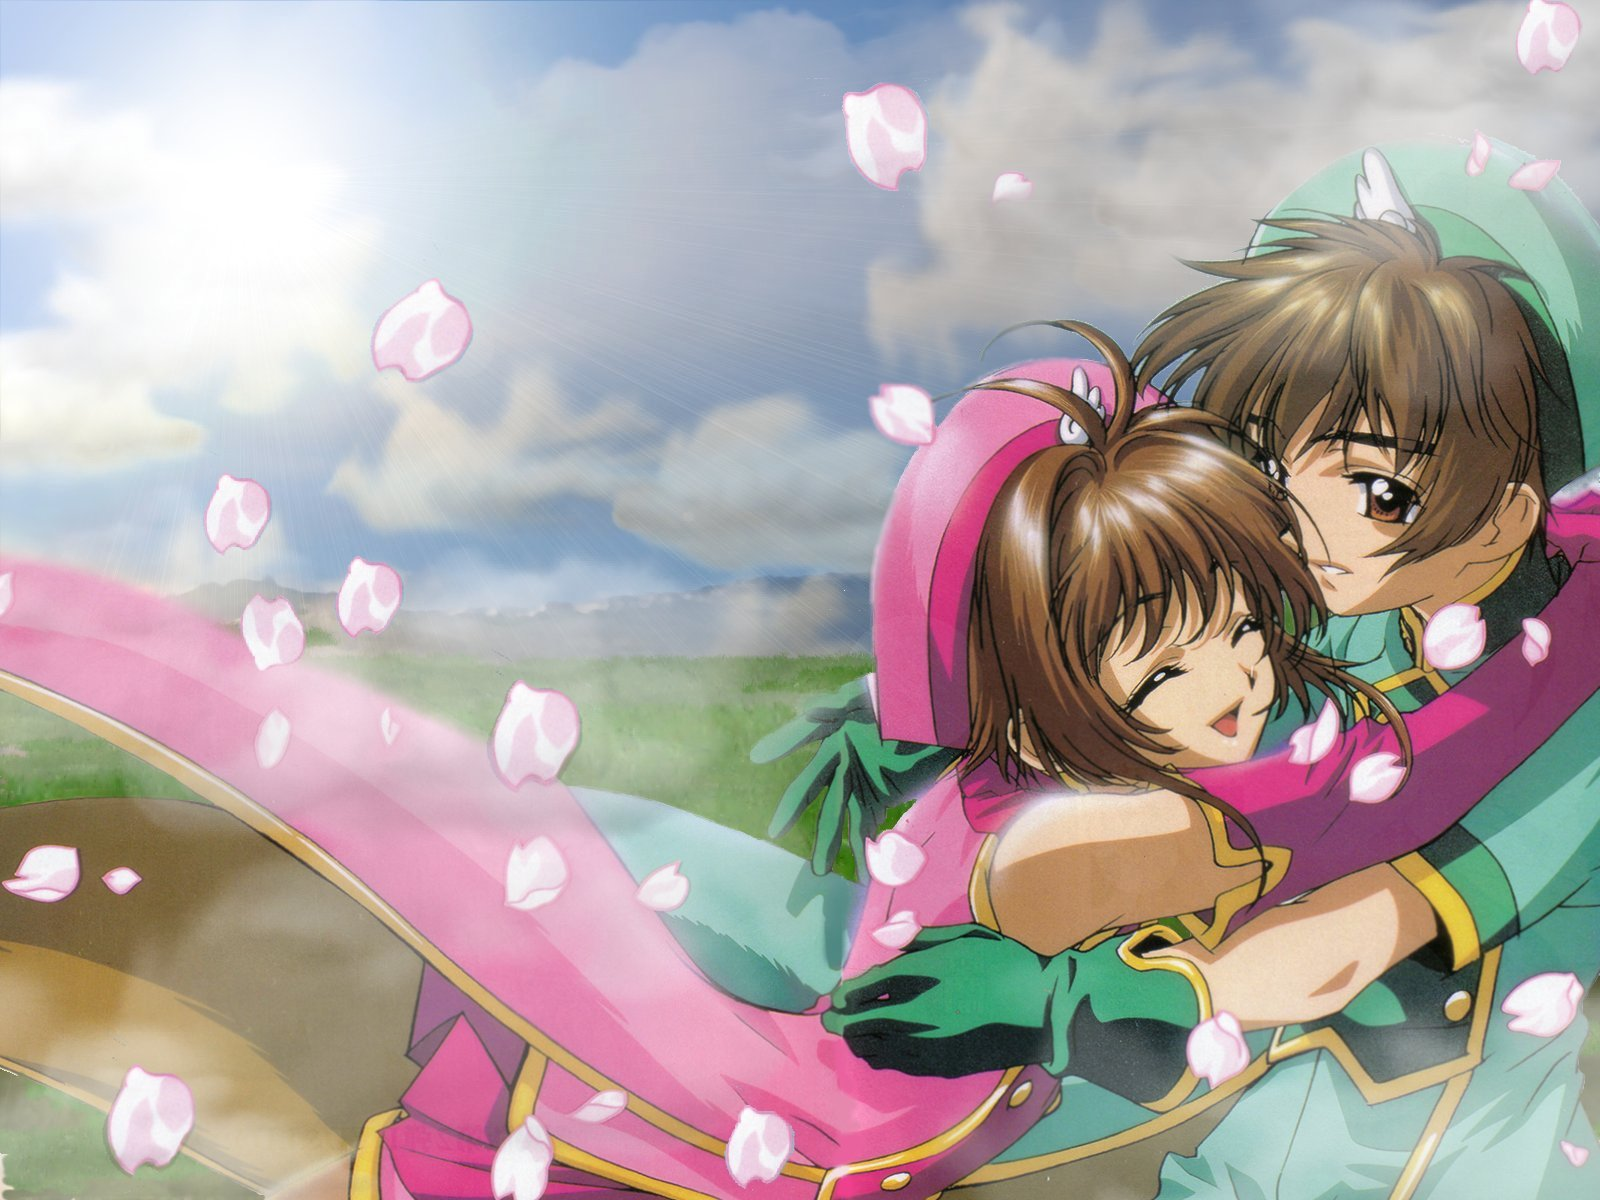 Hình ảnh tình yêu Sakura đẹp nhất